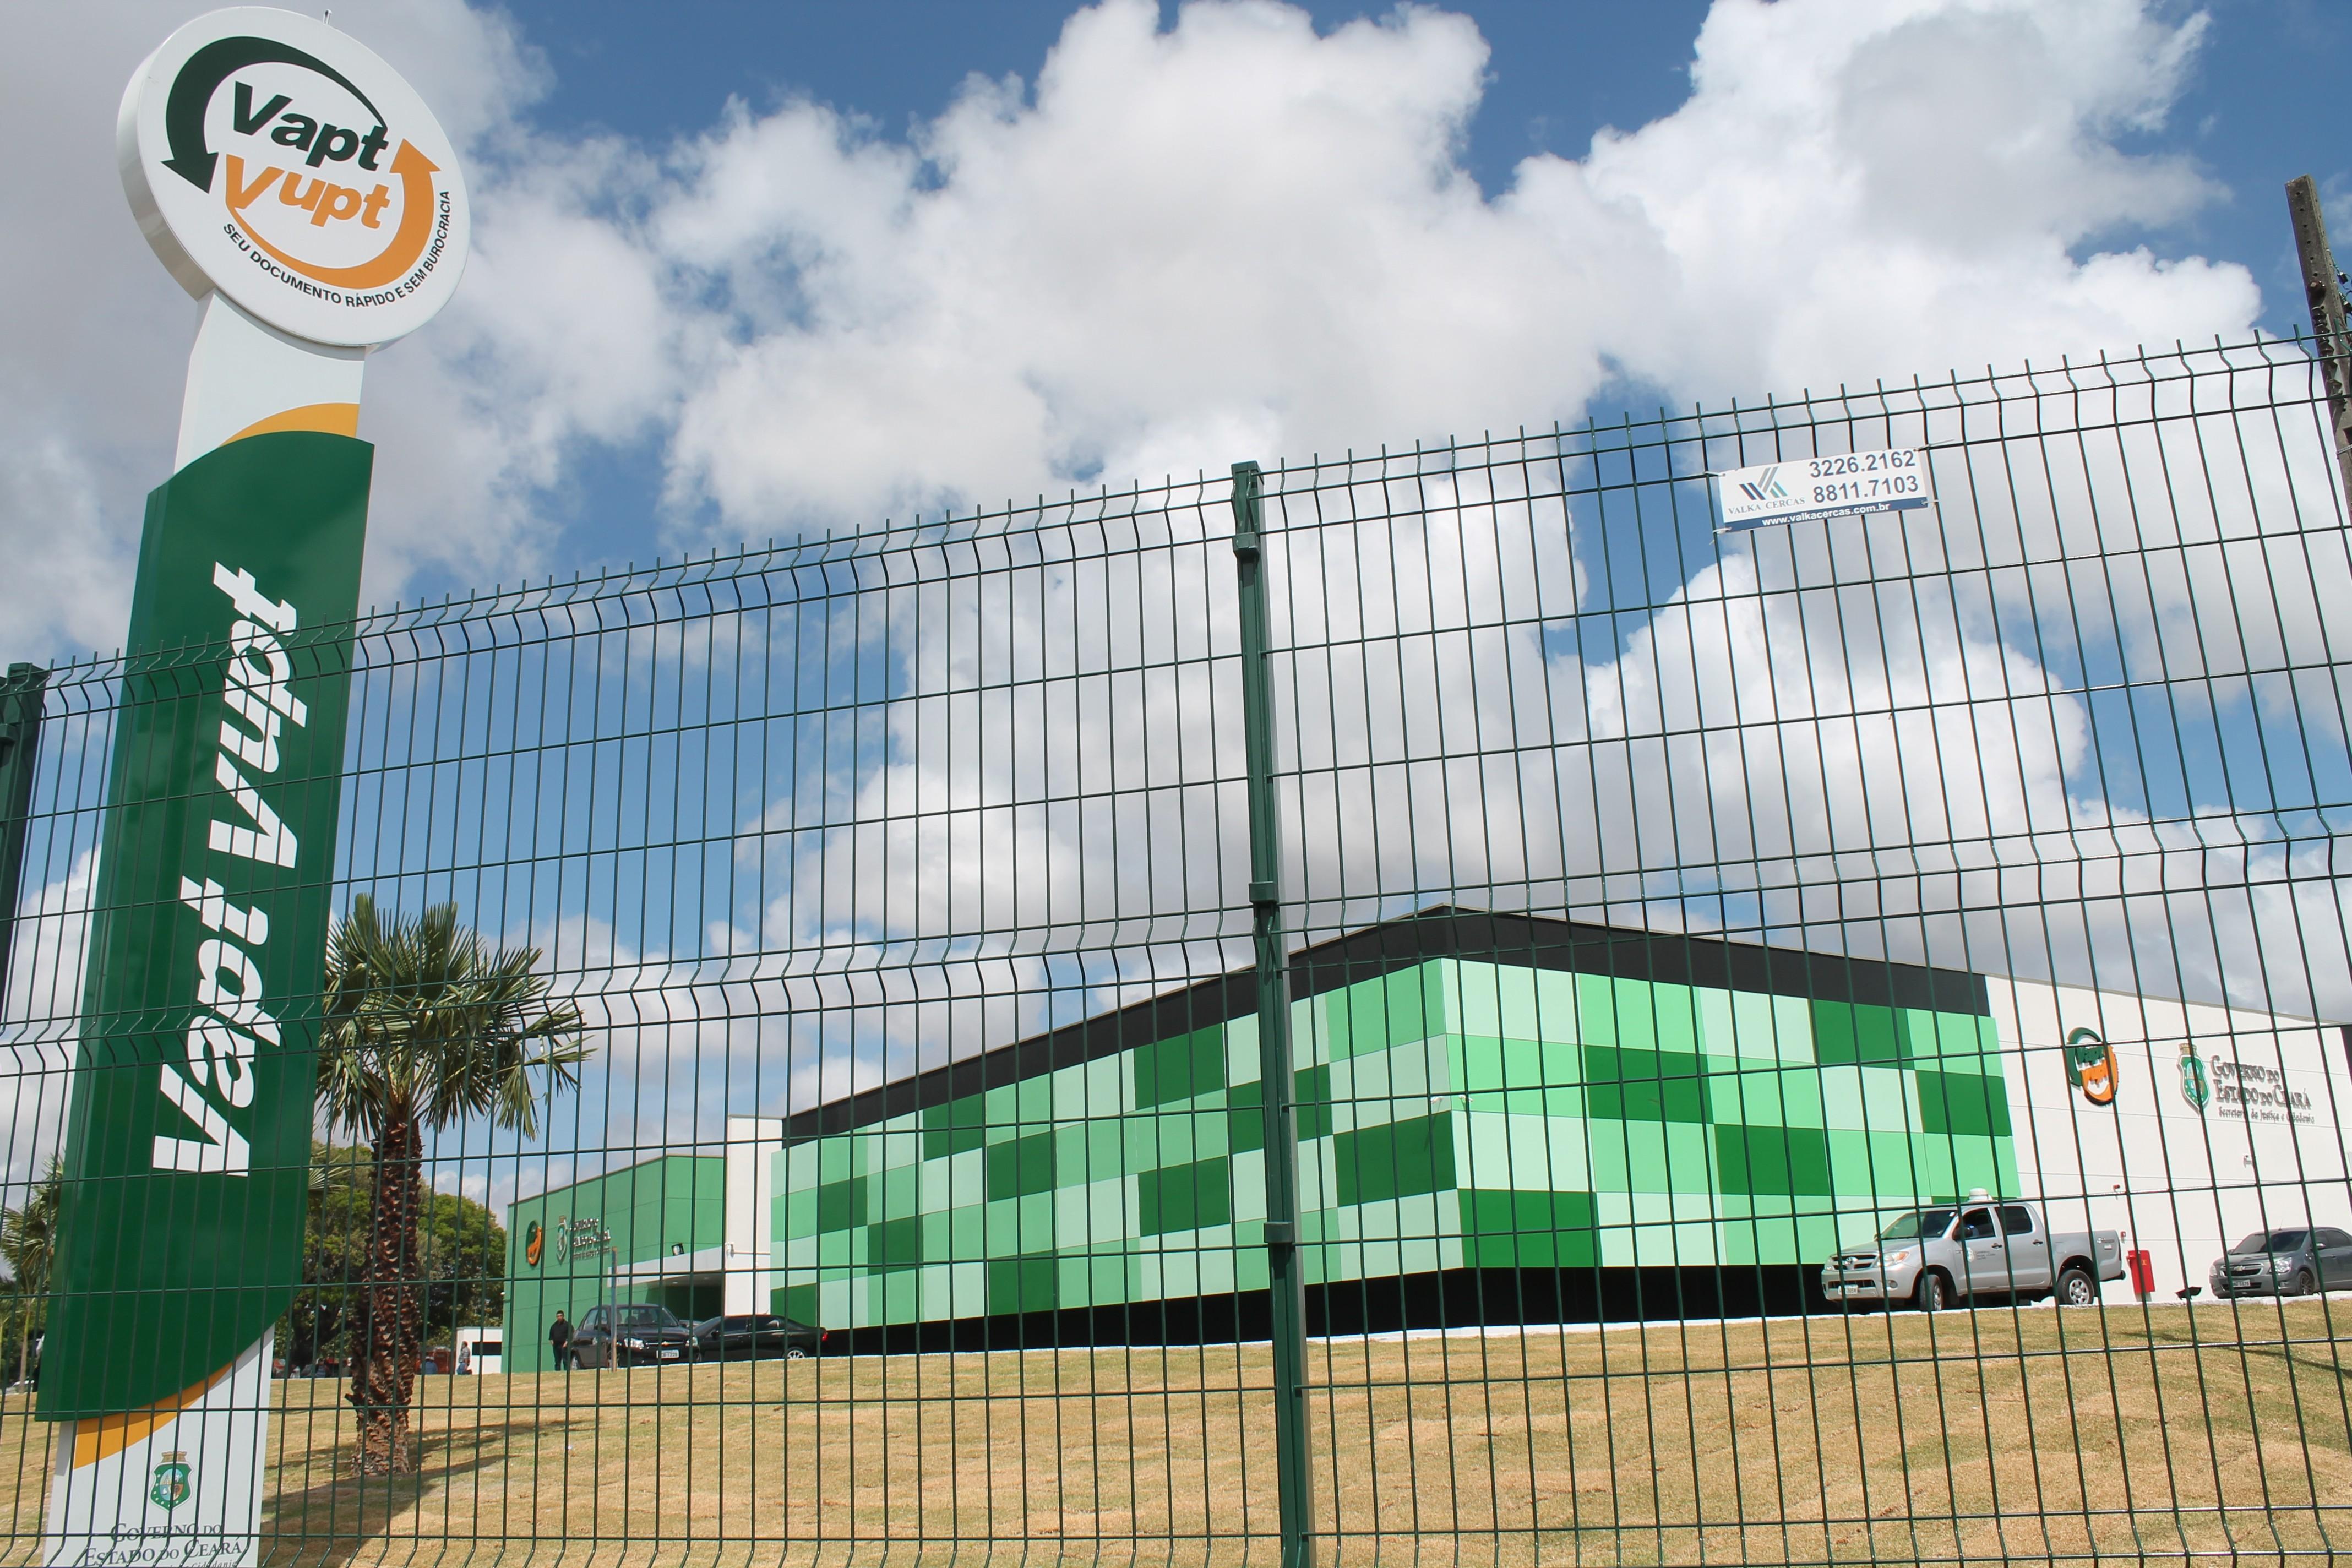 Unidades Vapt Vupt de Fortaleza, Sobral e Juazeiro do Norte realizam emissão gratuita de documentos e cadastro para vacina contra Covid-19